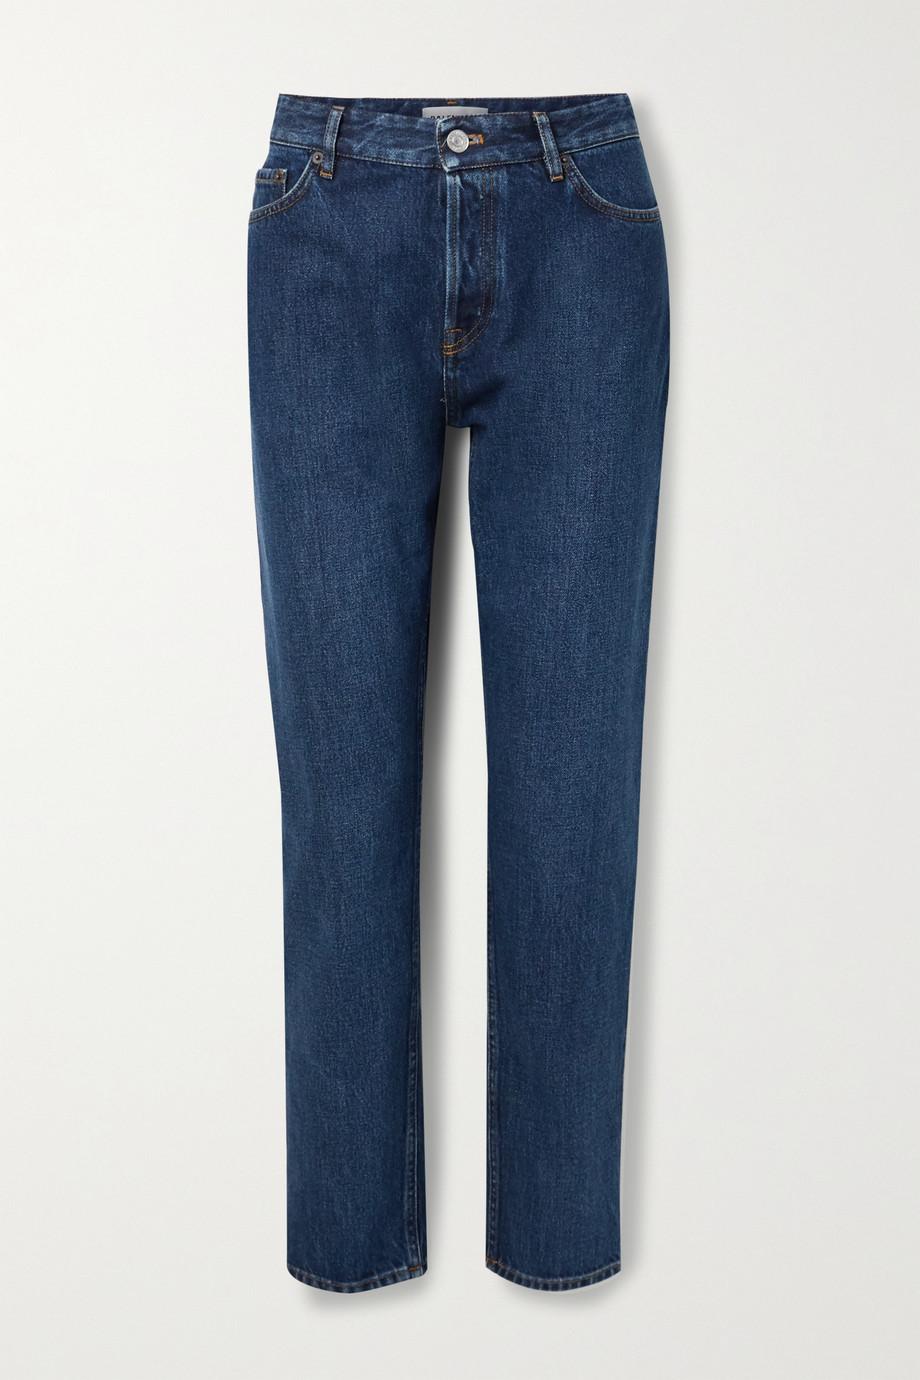 Balenciaga High-rise straight-leg jeans